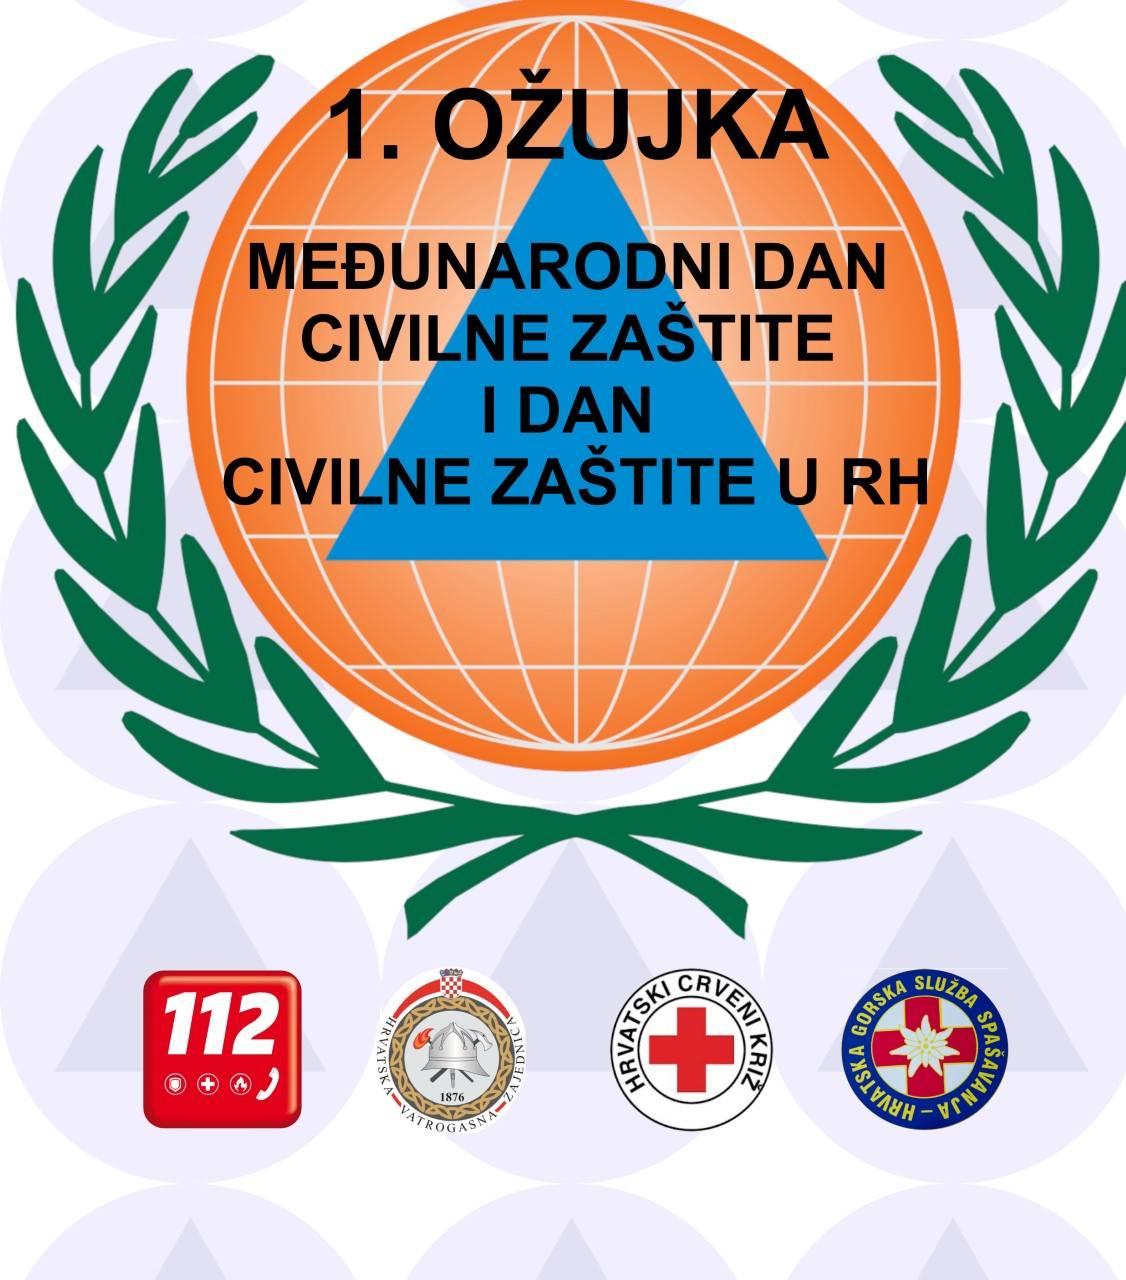 Međunarodni dan civilne zaštite i dan civilne zaštite u Republici Hrvatskoj